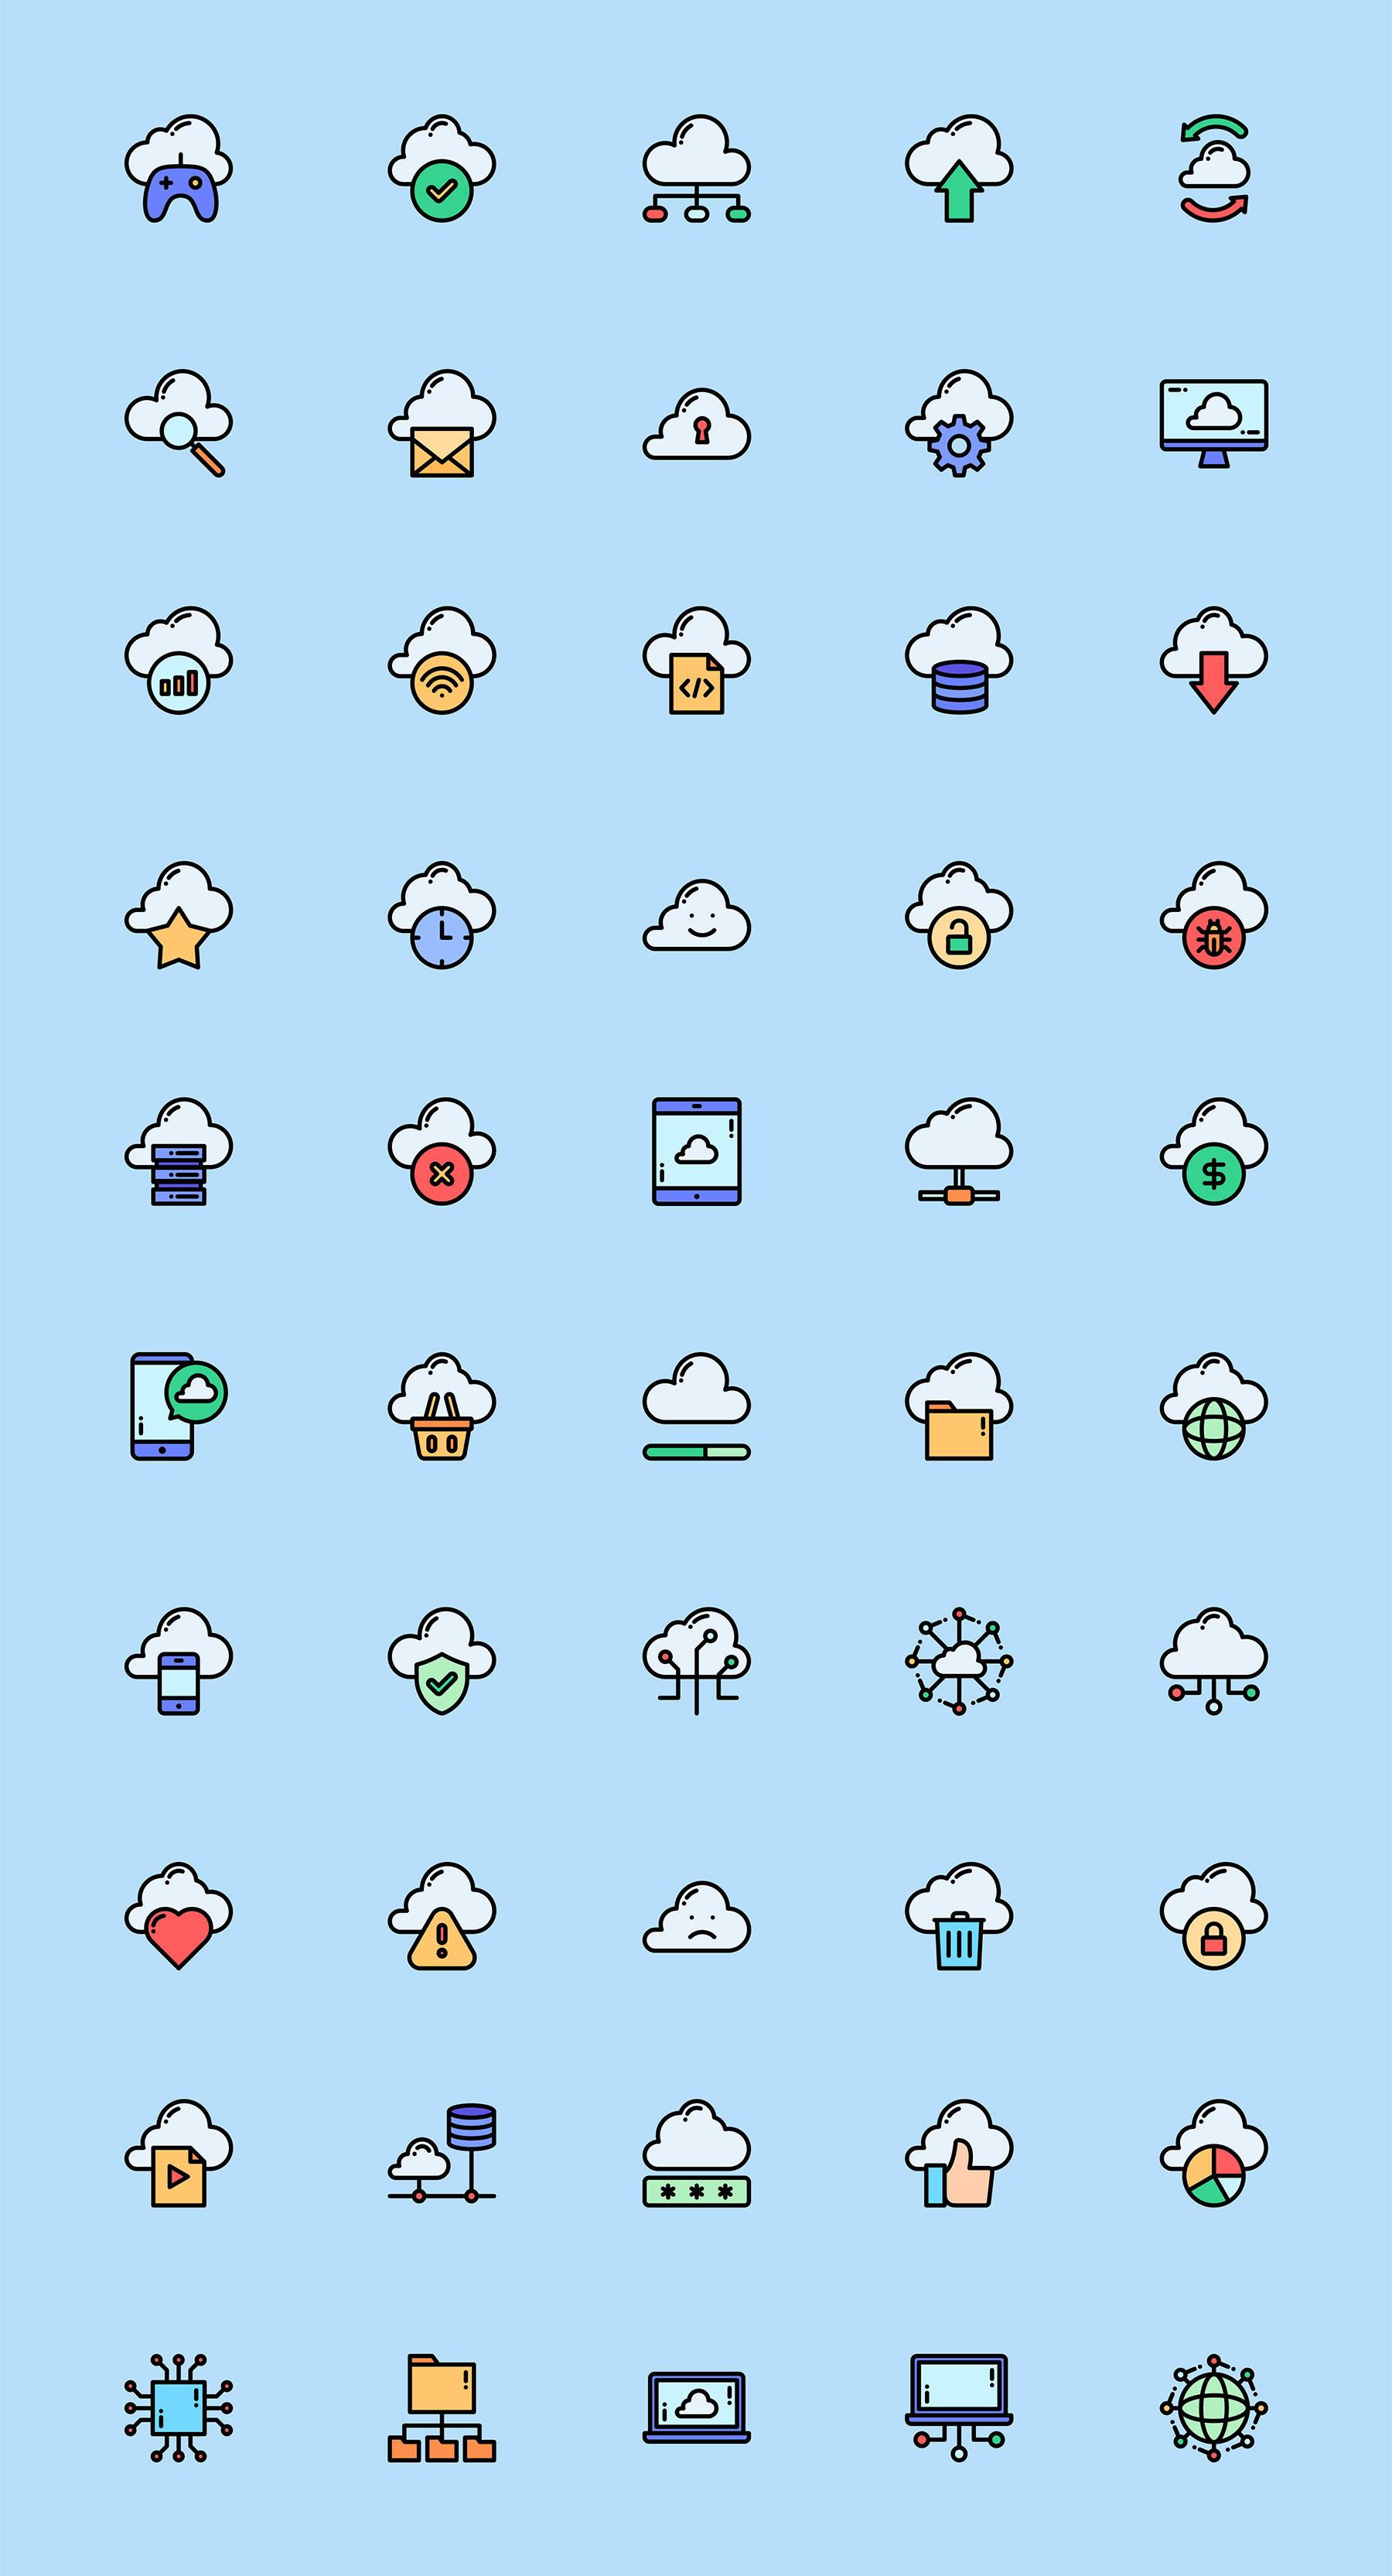 50+云计算网络icon图标 sketch素材下载 图标-第1张